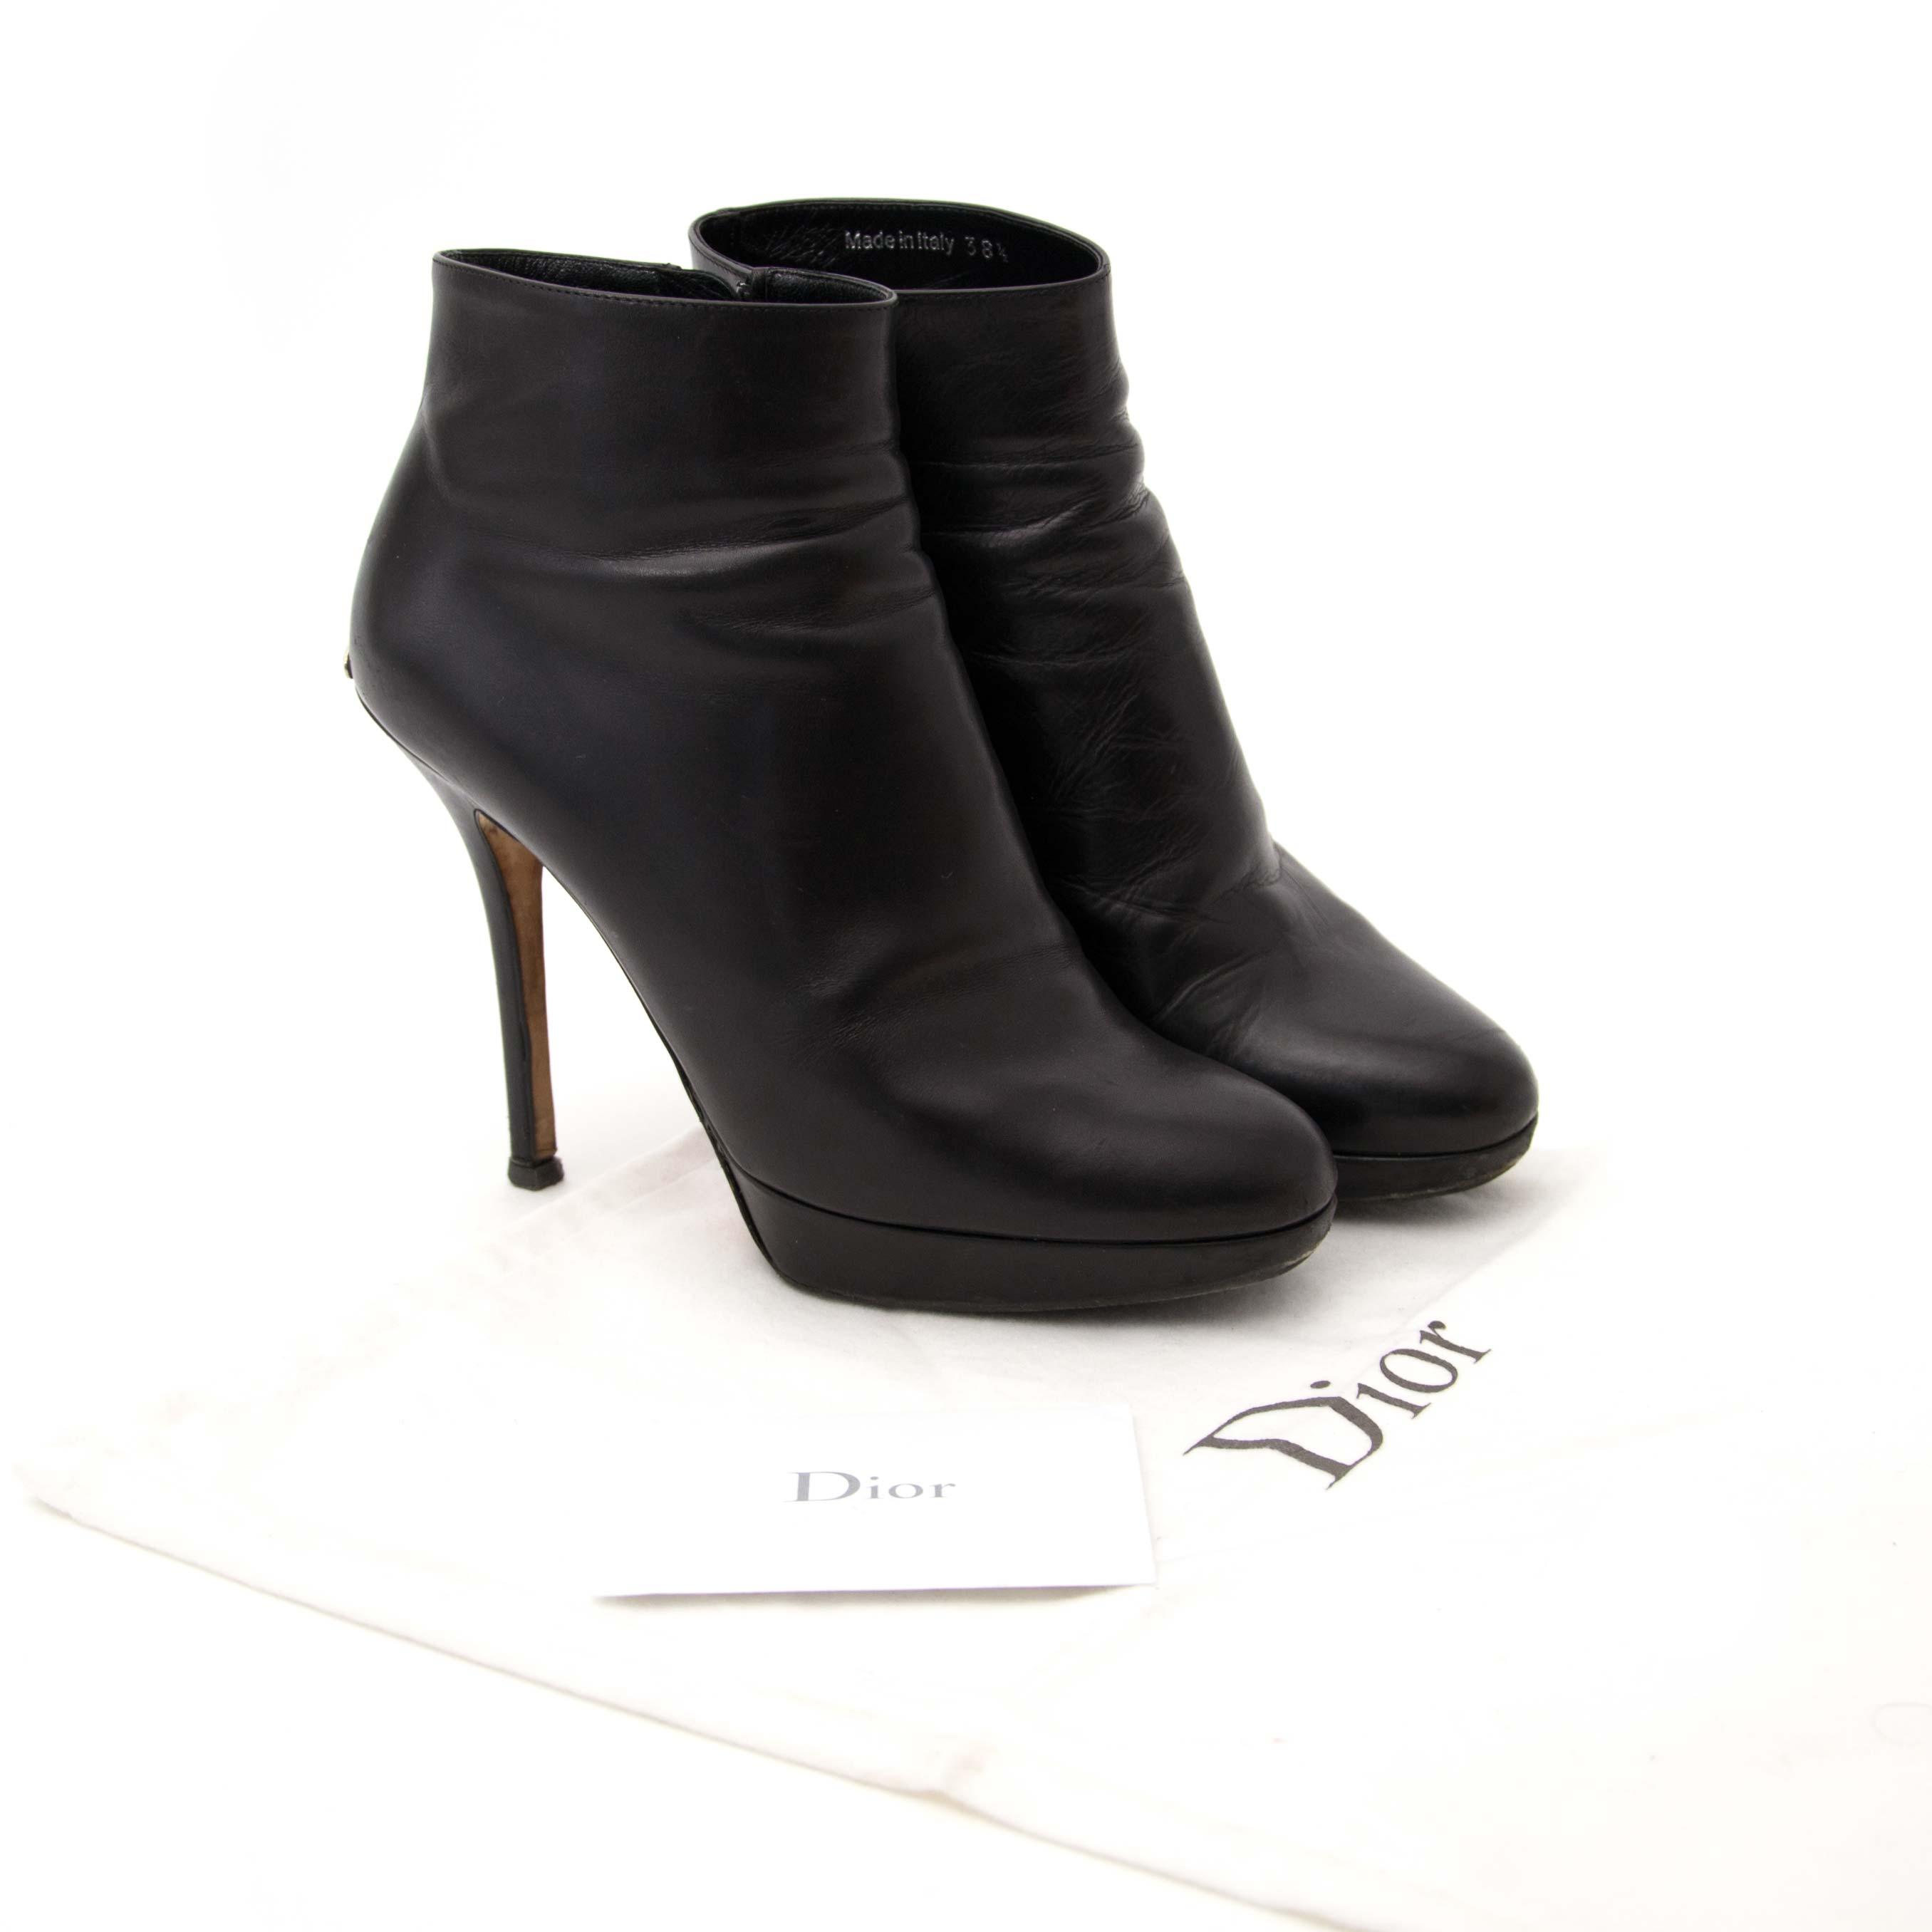 achter en ligne chez labellov.com pour le meilleur prix dior noir cannage chaussures en cuir